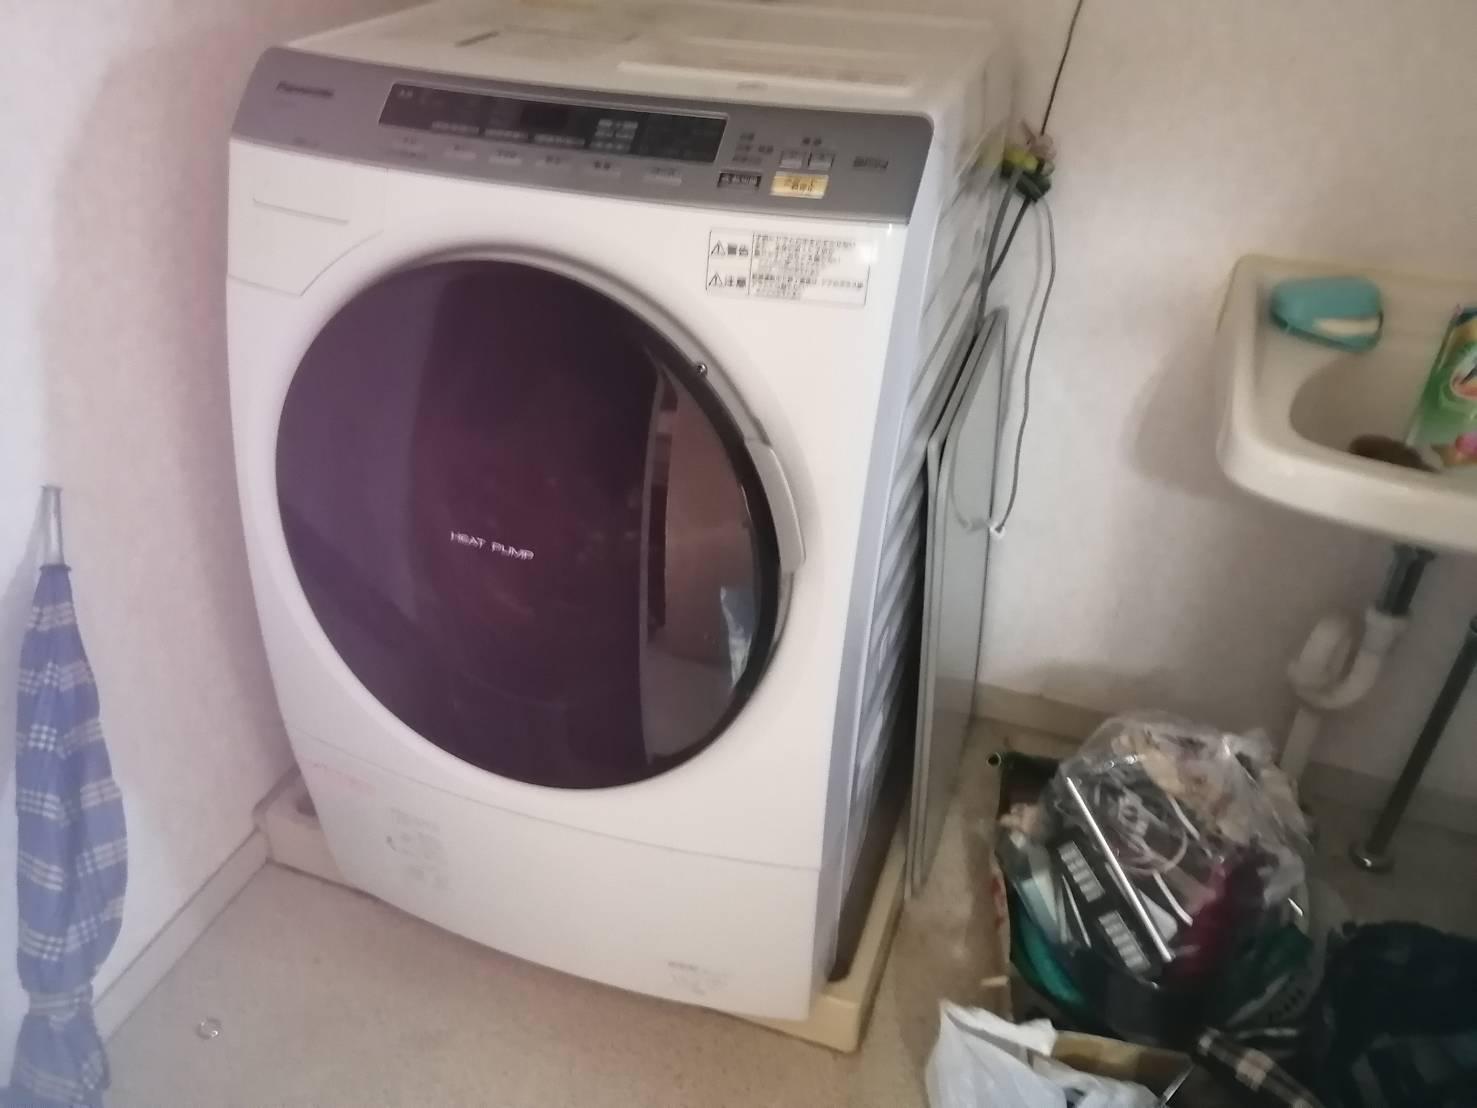 兵庫県神戸市の洗濯機の回収前